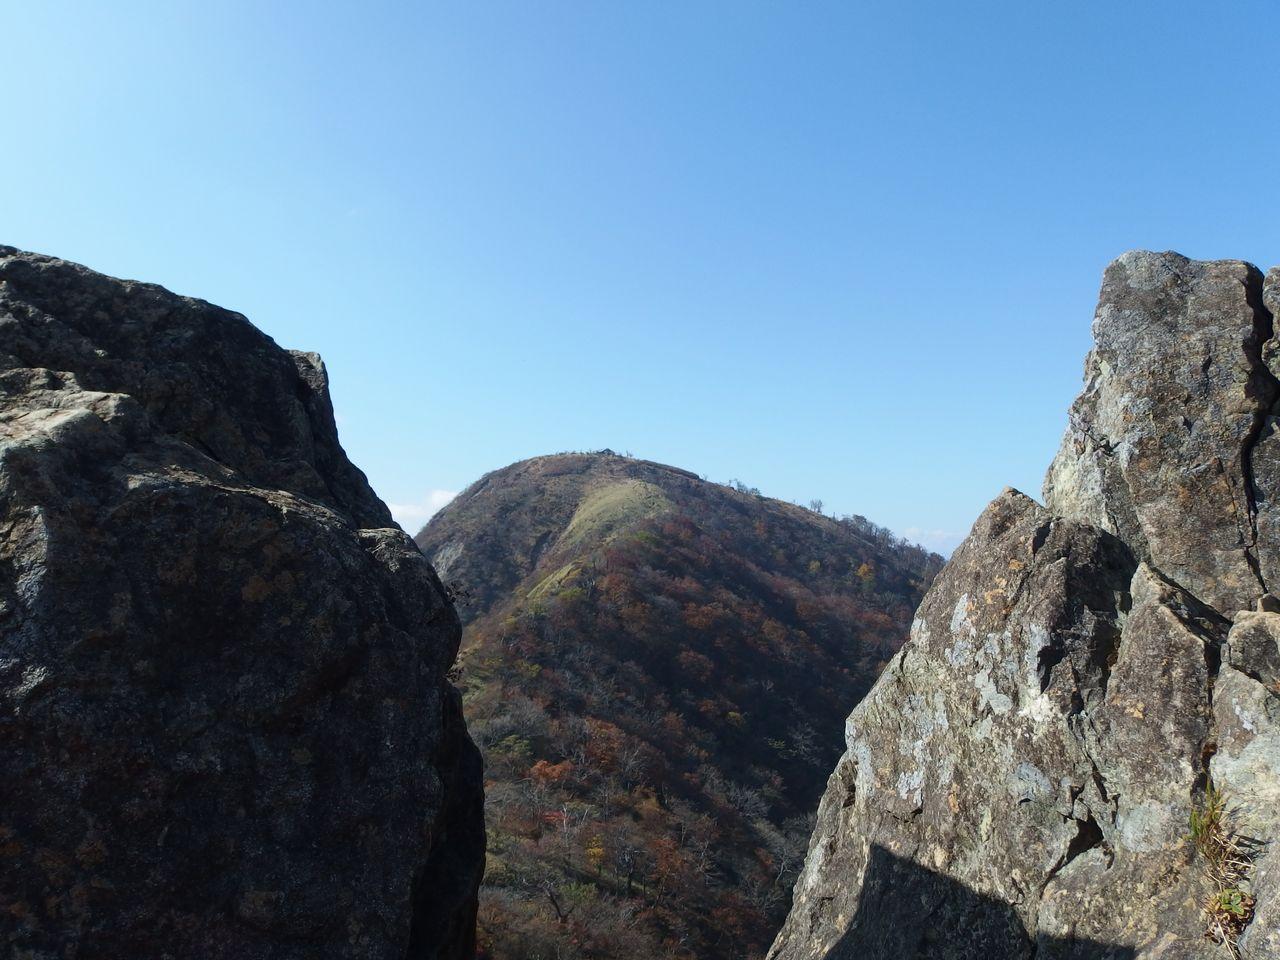 鬼ヶ岩の間から望む蛭ヶ岳